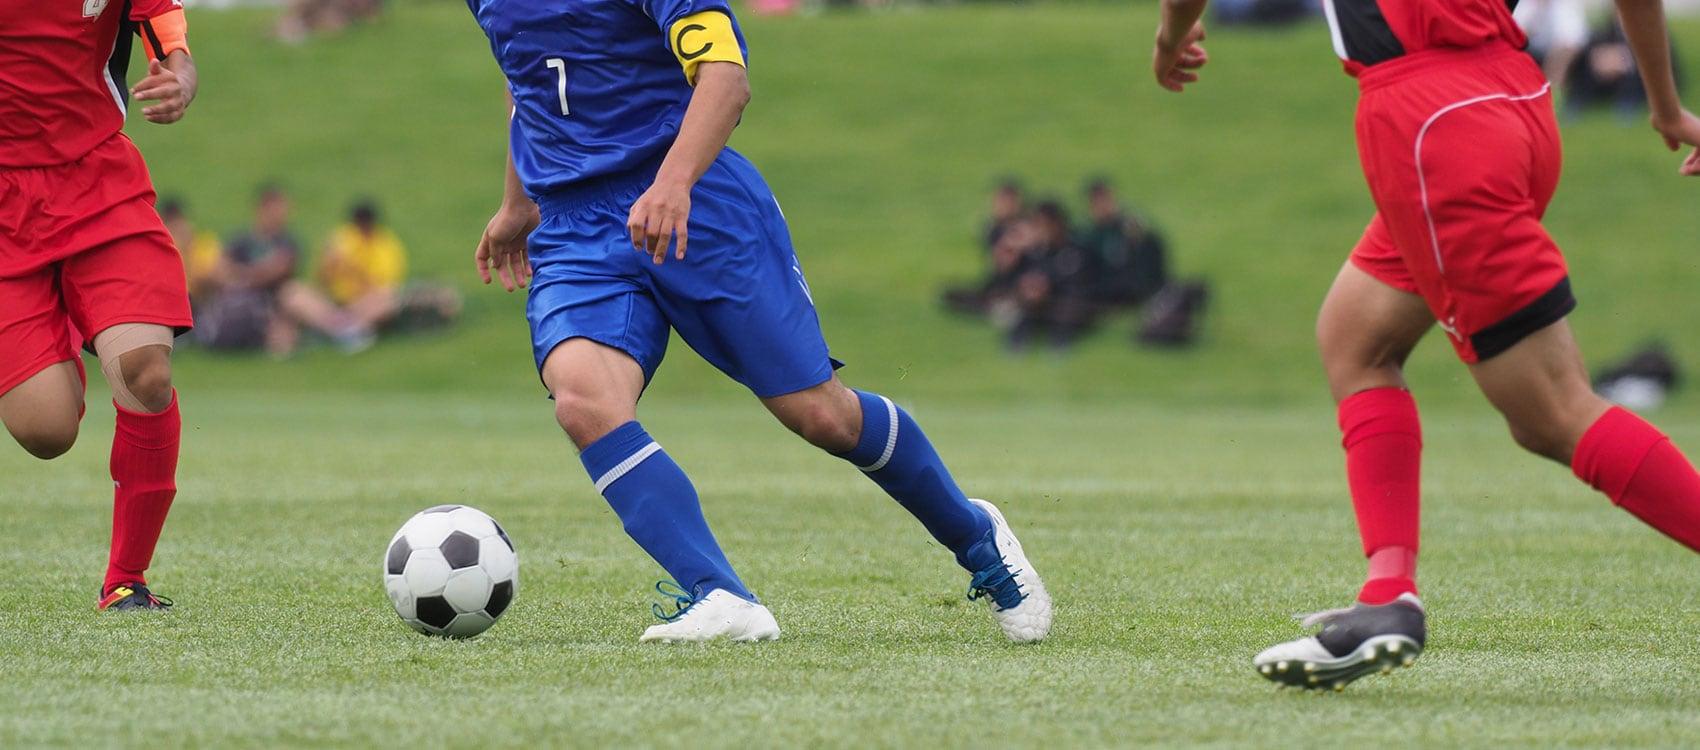 Sports - Soccer (Football) - Centennial Parklands